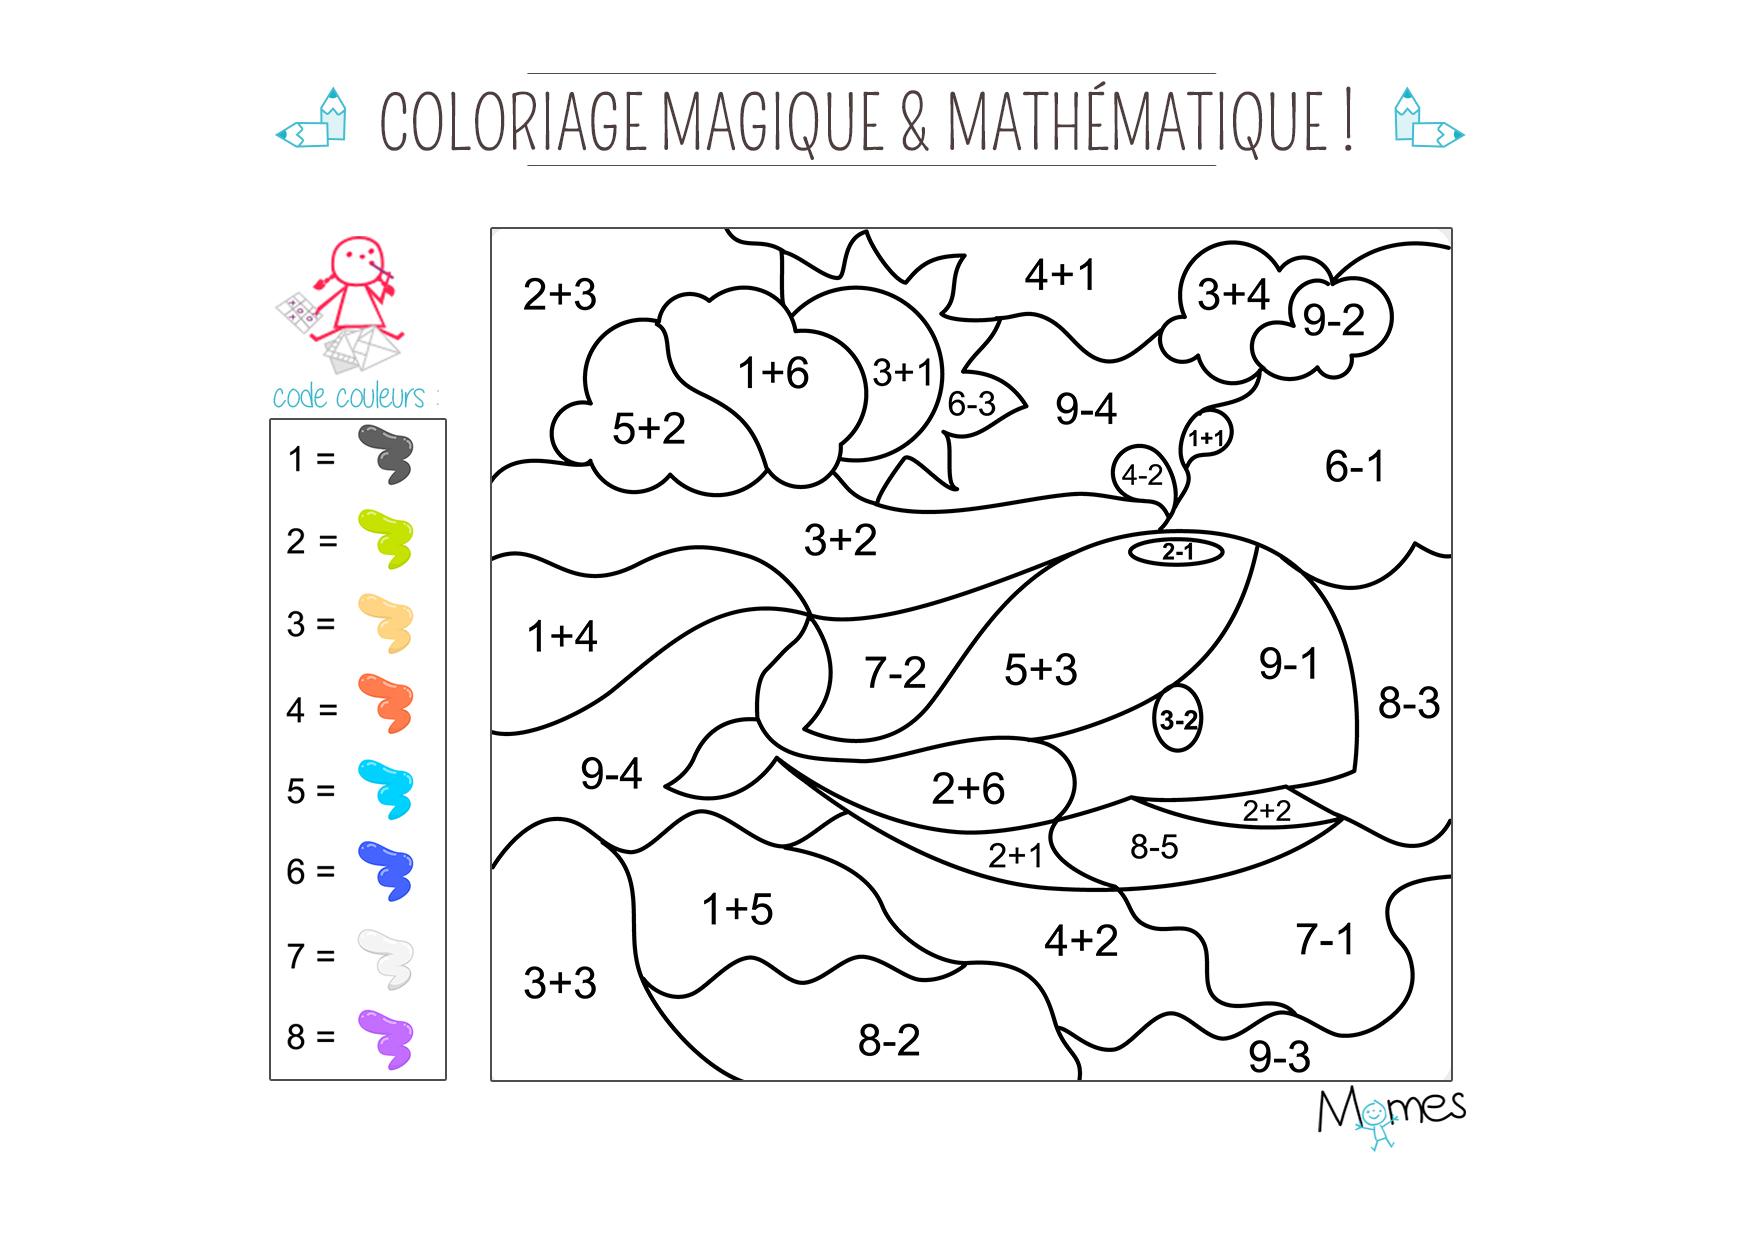 Coloriage magique et math matique la baleine - Coloriage de baleine ...